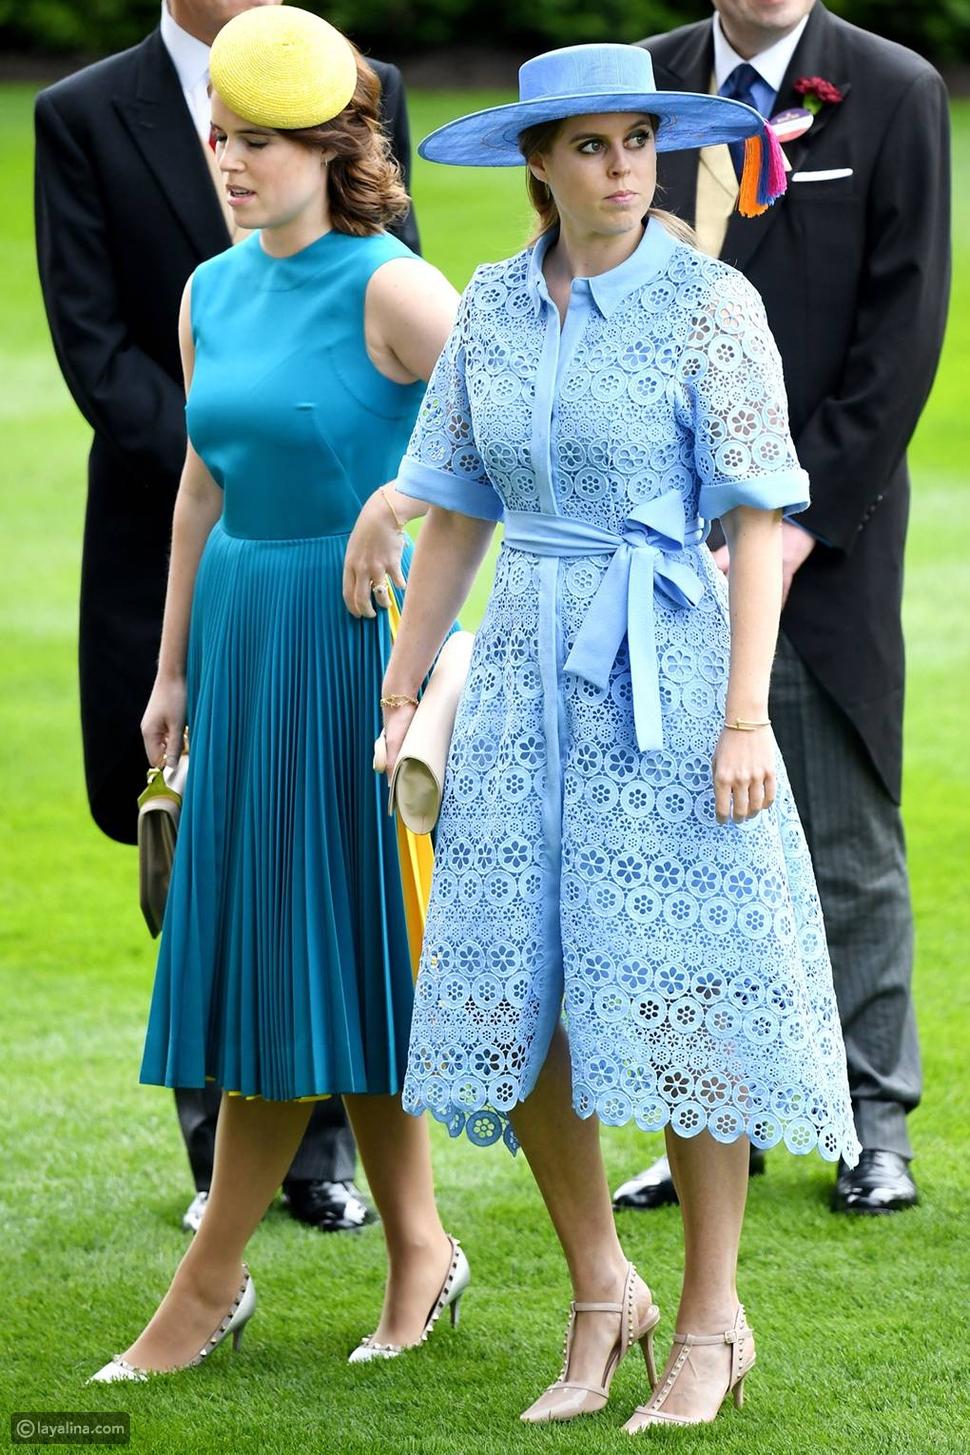 الأميرات بياتريس وأوجني بفساتين باللون الأزرق